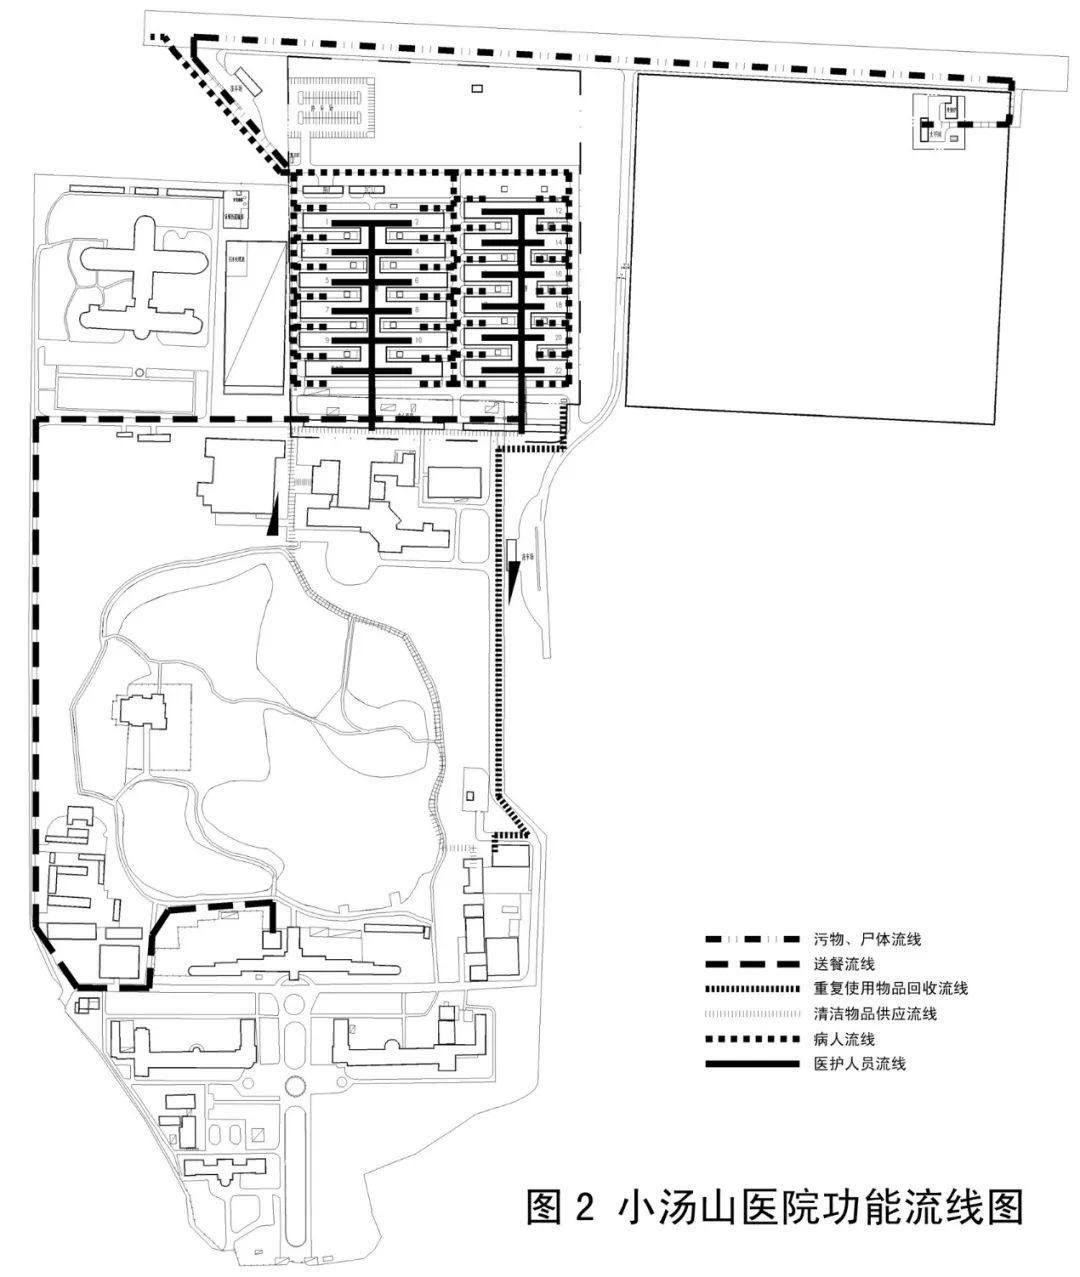 小汤山医院部分设计图